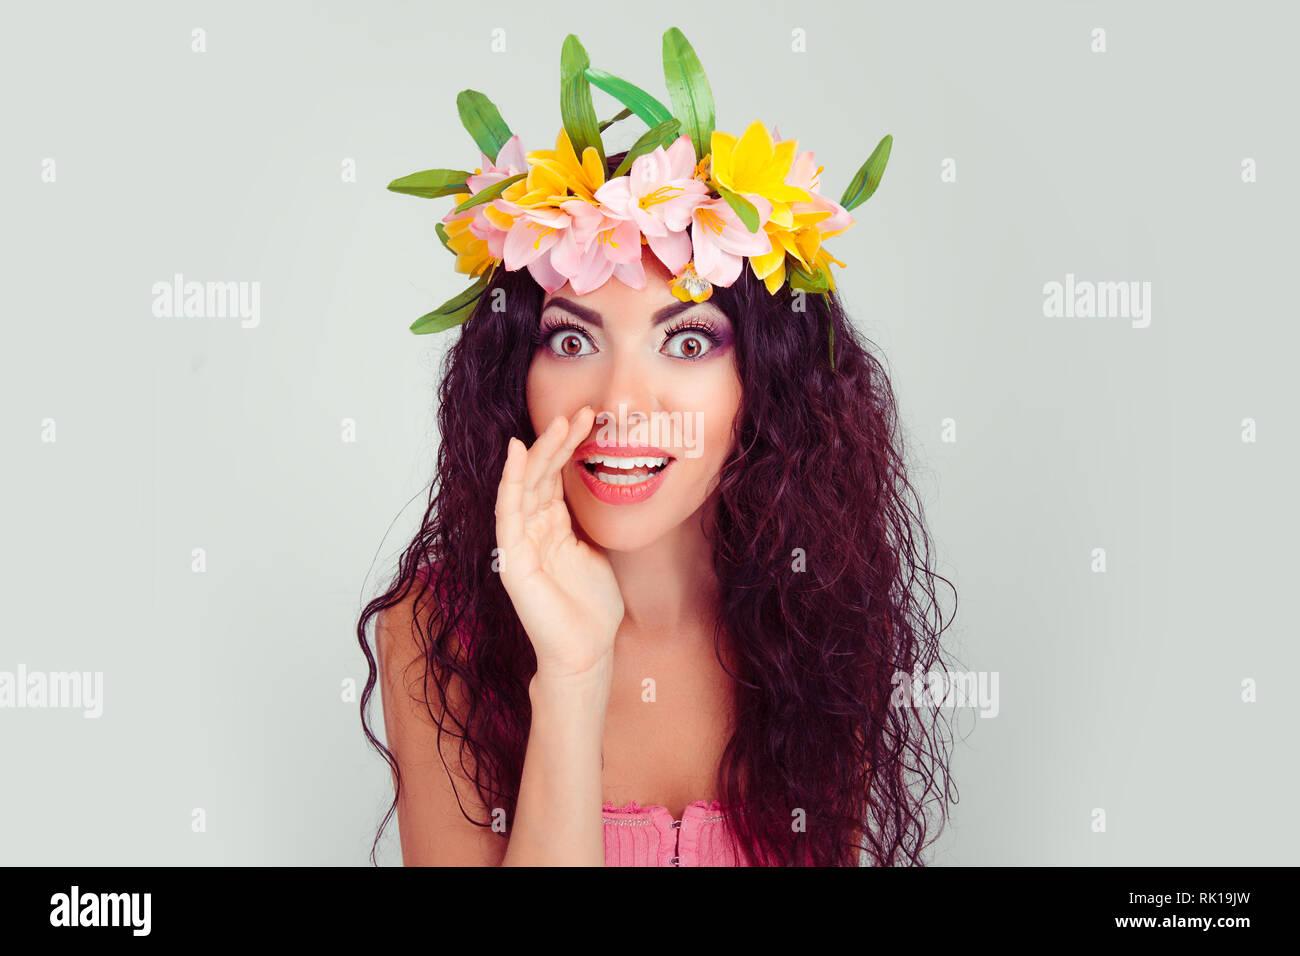 Non dite a nessuno!!!! Loquace misterioso piuttosto bella donna sta dicendo segreto di frenatura a caldo news. Colombiano ispanica latina razza mista modello in floral Immagini Stock